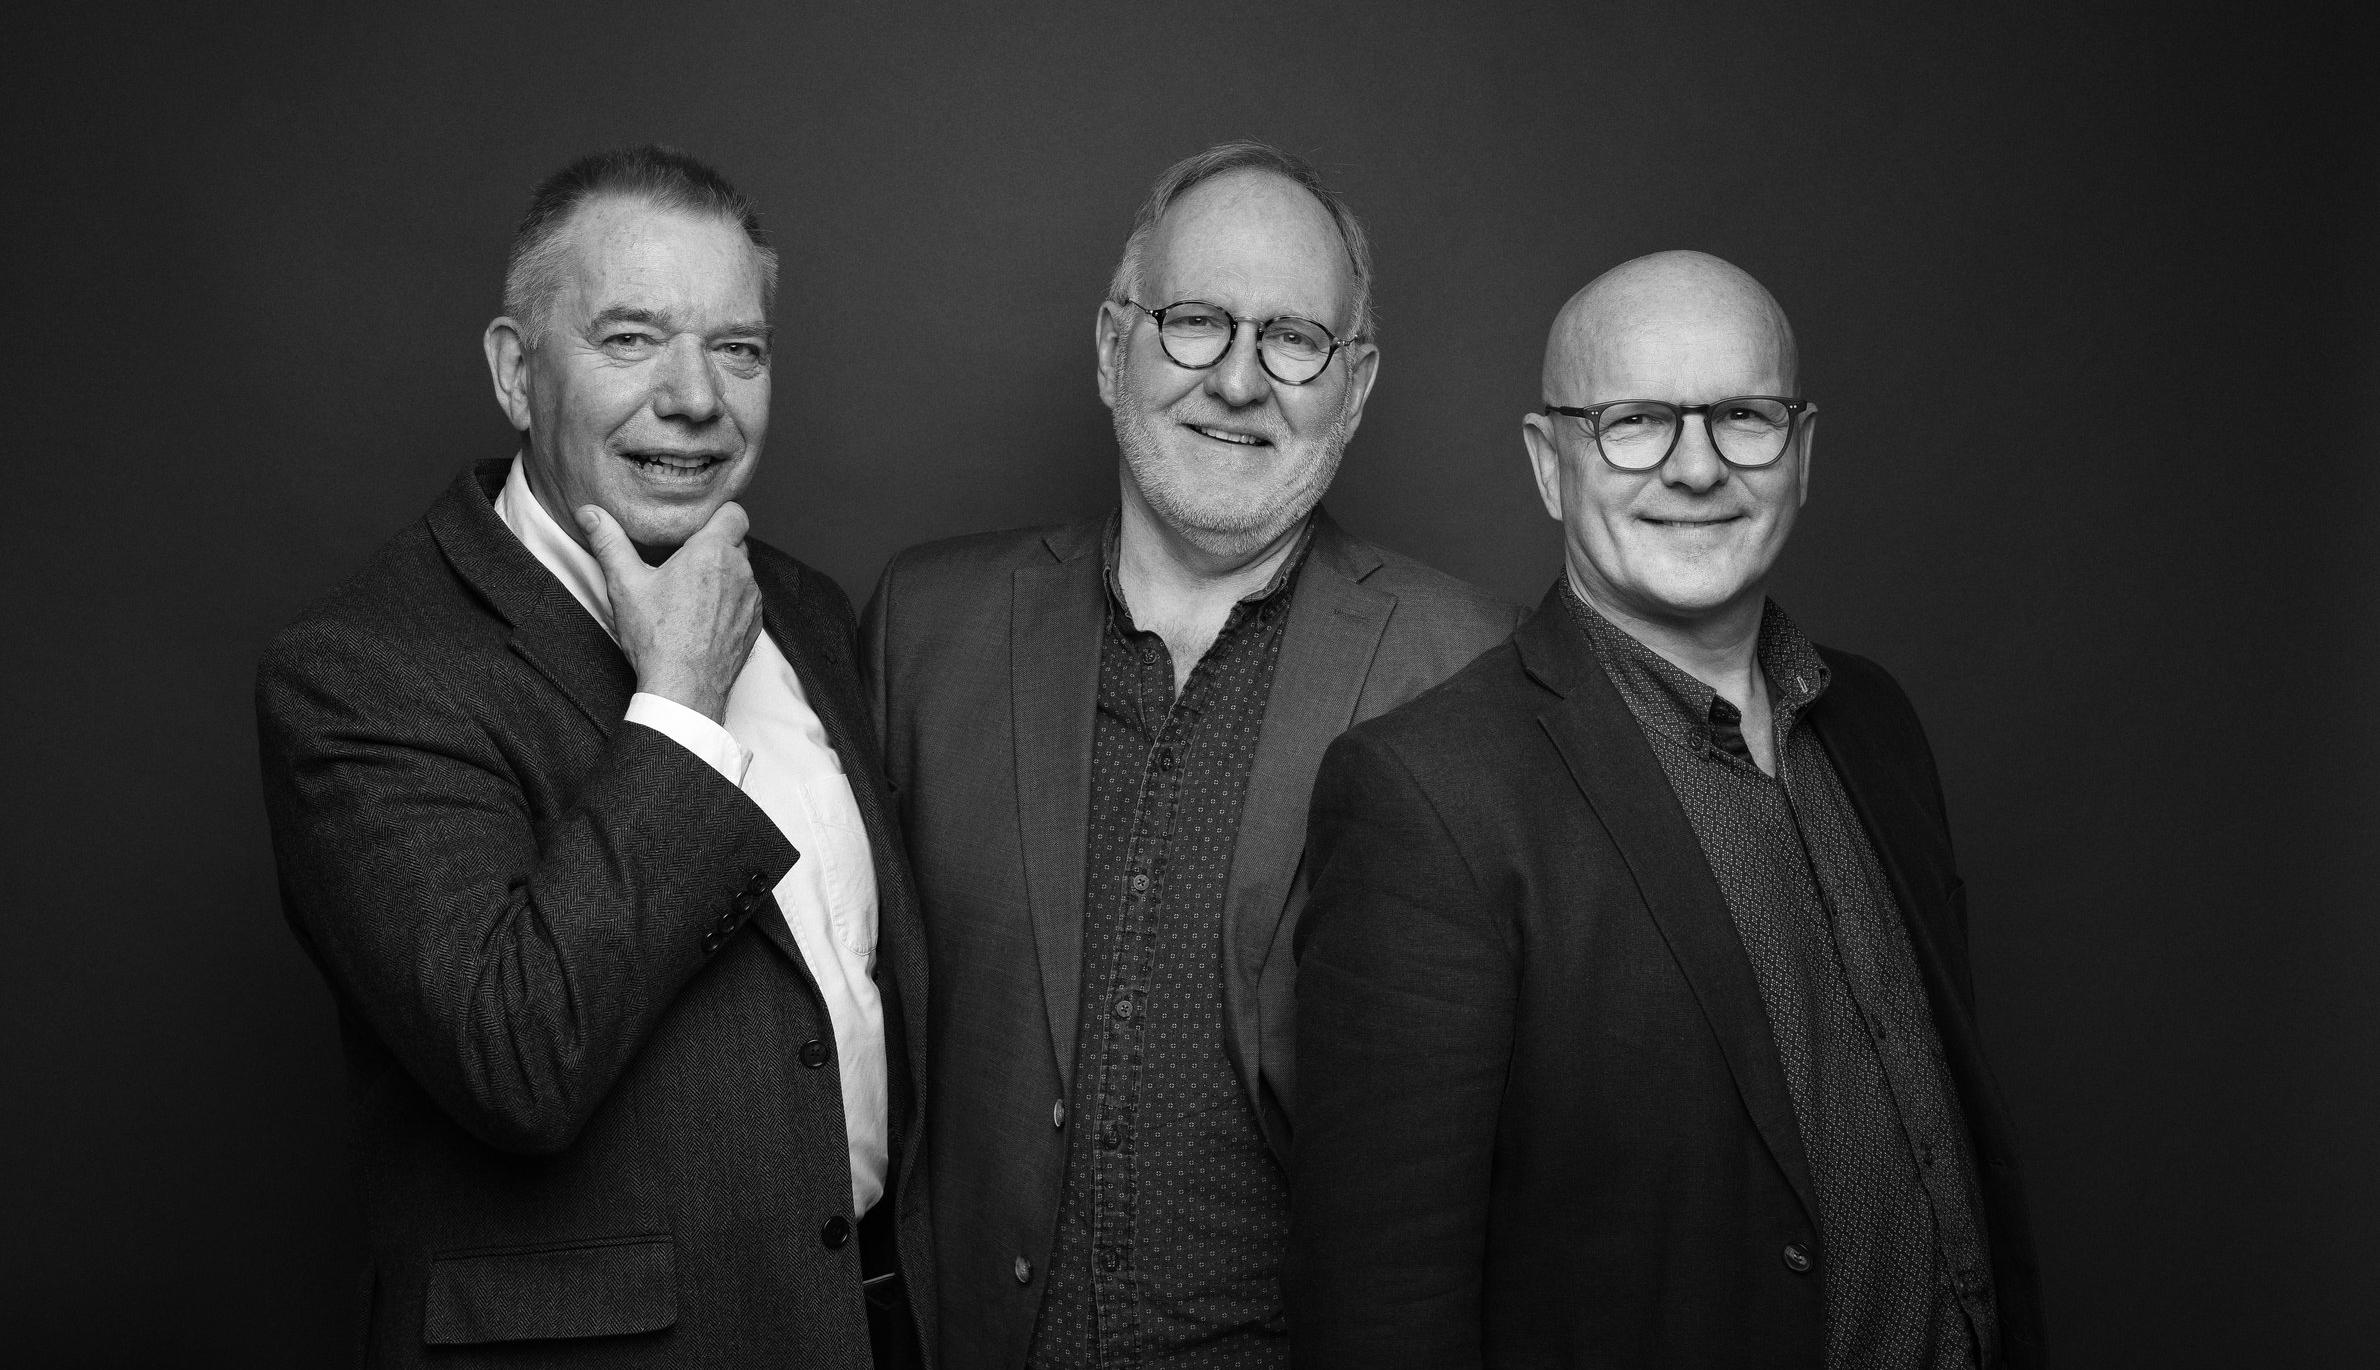 F.v. Anders Wahlstedt, Bjørn Åstveit og Jan Bjørnar Sørensen.